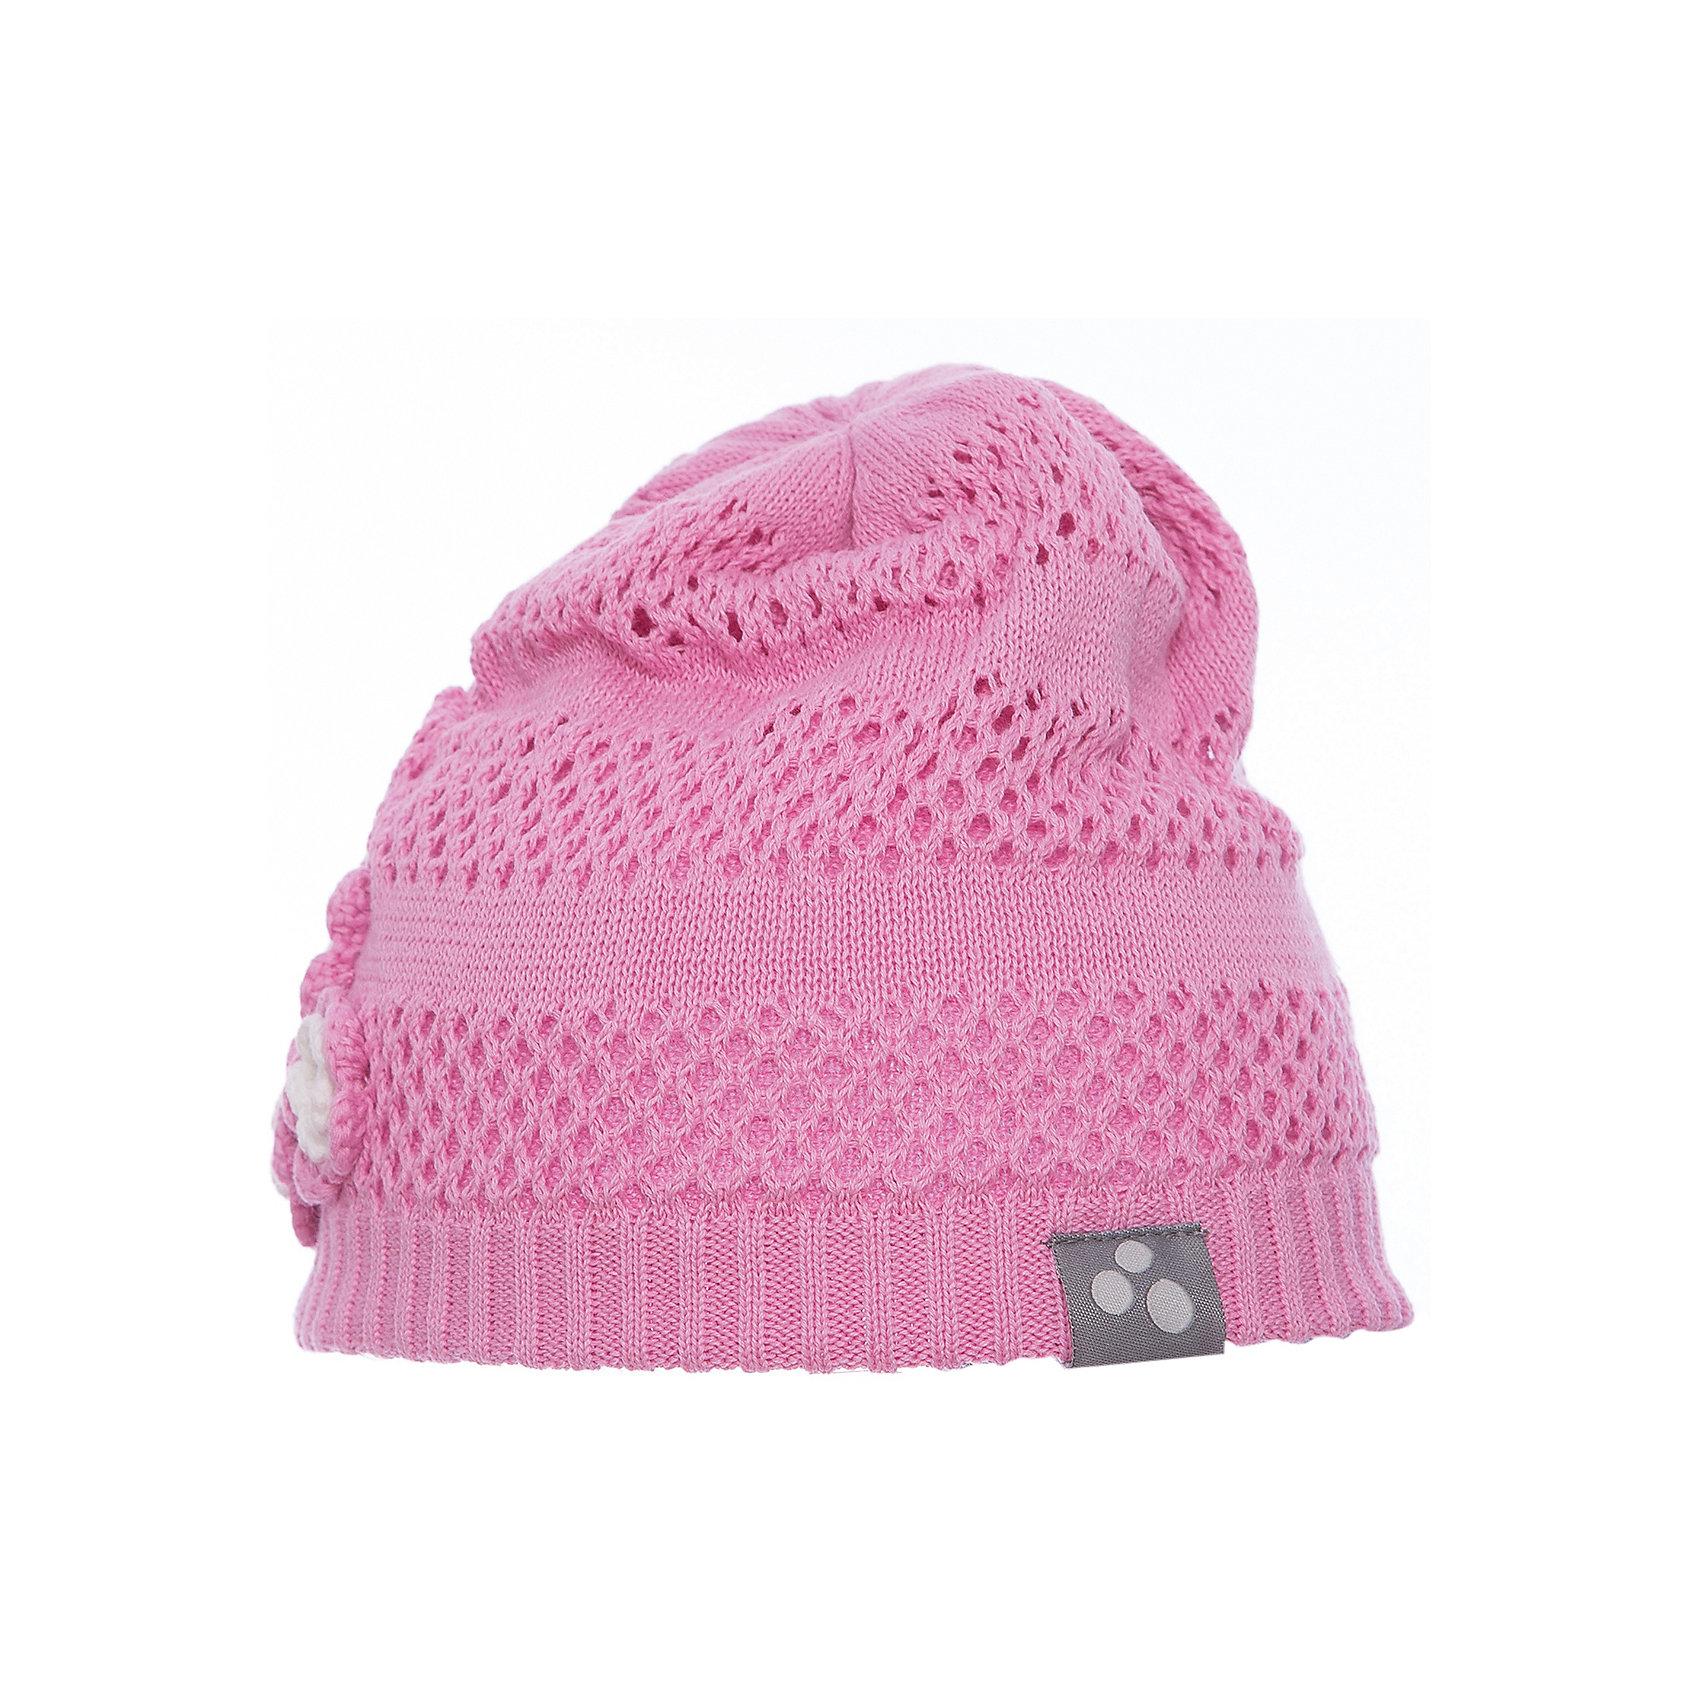 Шапка GLORIA для девочки HuppaГоловные уборы<br>Характеристики товара:<br><br>• цвет: розовый<br>• состав: 100% хлопок <br>• температурный режим: от +5°С до +15°С<br>• демисезонная<br>• хлопковая подкладка<br>• мягкая резинка<br>• украшена цветами<br>• логотип<br>• комфортная посадка<br>• мягкий материал<br>• страна бренда: Эстония<br><br>Такая удобная и красивая шапка обеспечит детям тепло и комфорт. Подкладка сделана из приятного на ощупь дышащего и гипоаллергенного хлопка. Шапка очень симпатично смотрится, а дизайн и расцветка позволяют сочетать её с различной одеждой. Модель была разработана специально для детей.<br><br>Одежда и обувь от популярного эстонского бренда Huppa - отличный вариант одеть ребенка можно и комфортно. Вещи, выпускаемые компанией, качественные, продуманные и очень удобные. Для производства изделий используются только безопасные для детей материалы. Продукция от Huppa порадует и детей, и их родителей!<br><br>Шапку GLORIA от бренда Huppa (Хуппа) можно купить в нашем интернет-магазине.<br><br>Ширина мм: 89<br>Глубина мм: 117<br>Высота мм: 44<br>Вес г: 155<br>Цвет: розовый<br>Возраст от месяцев: 144<br>Возраст до месяцев: 168<br>Пол: Женский<br>Возраст: Детский<br>Размер: 57,55-57,51-53,47-49<br>SKU: 5347740